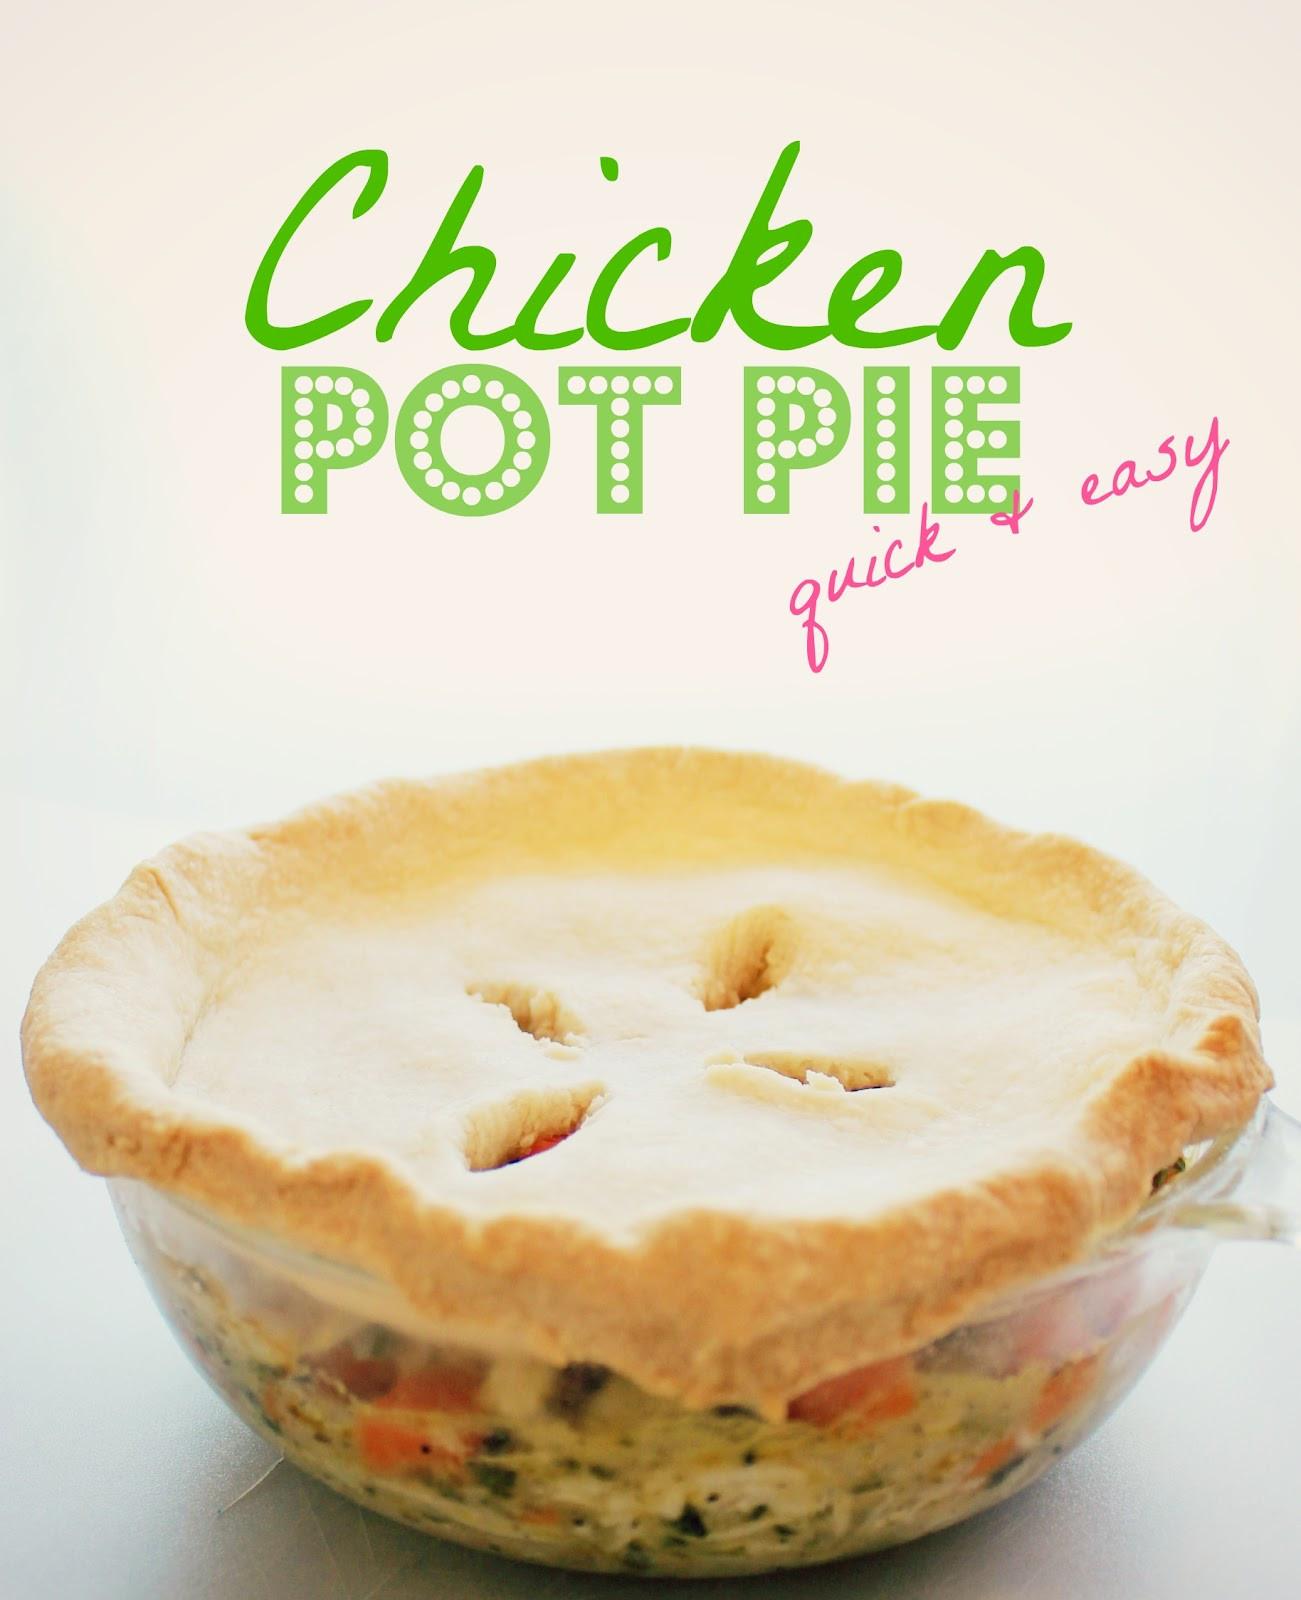 Chicken Pot Pie Shop  The Crafty Housewife Chicken Pot Pie